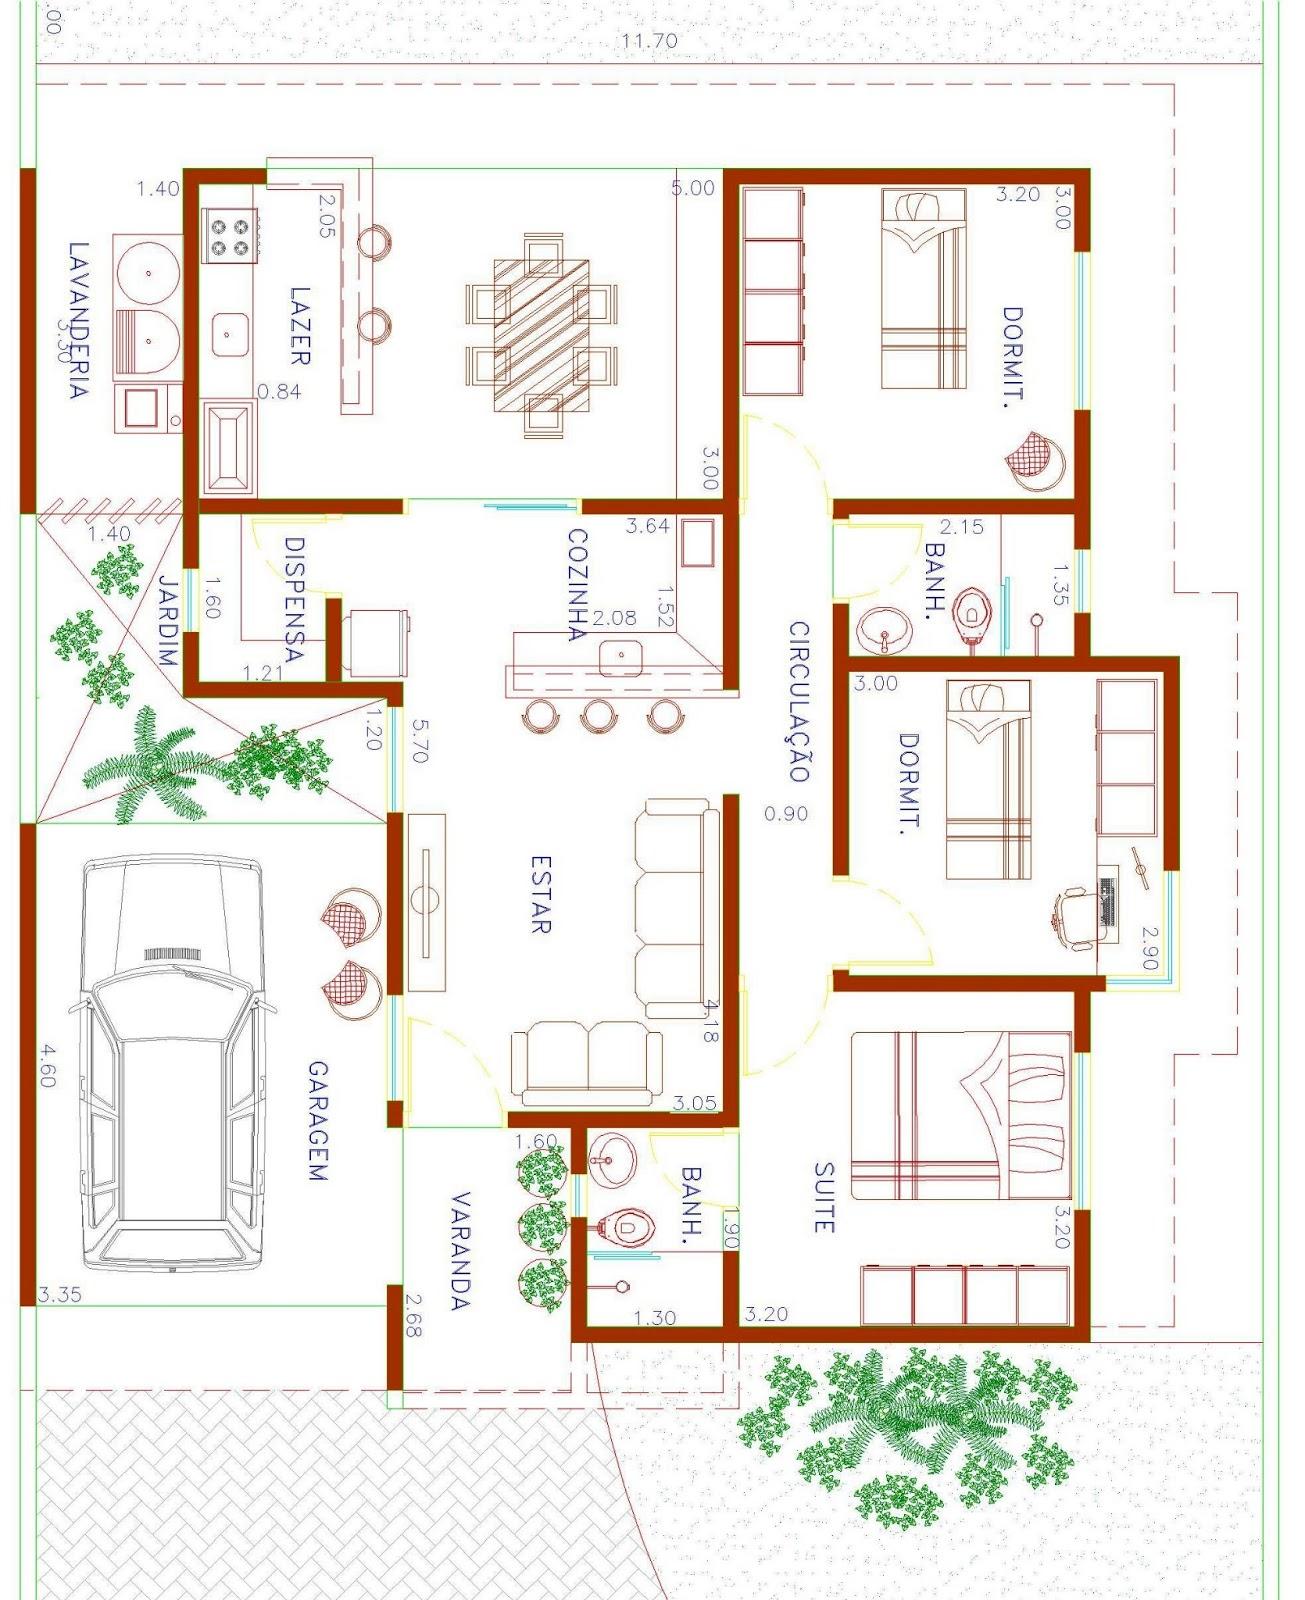 #972902  projetos área de lazer e cozinha quase integradas e lavanderia 1305x1600 px Projetos De Cozinha E Lavanderia Integradas #301 imagens